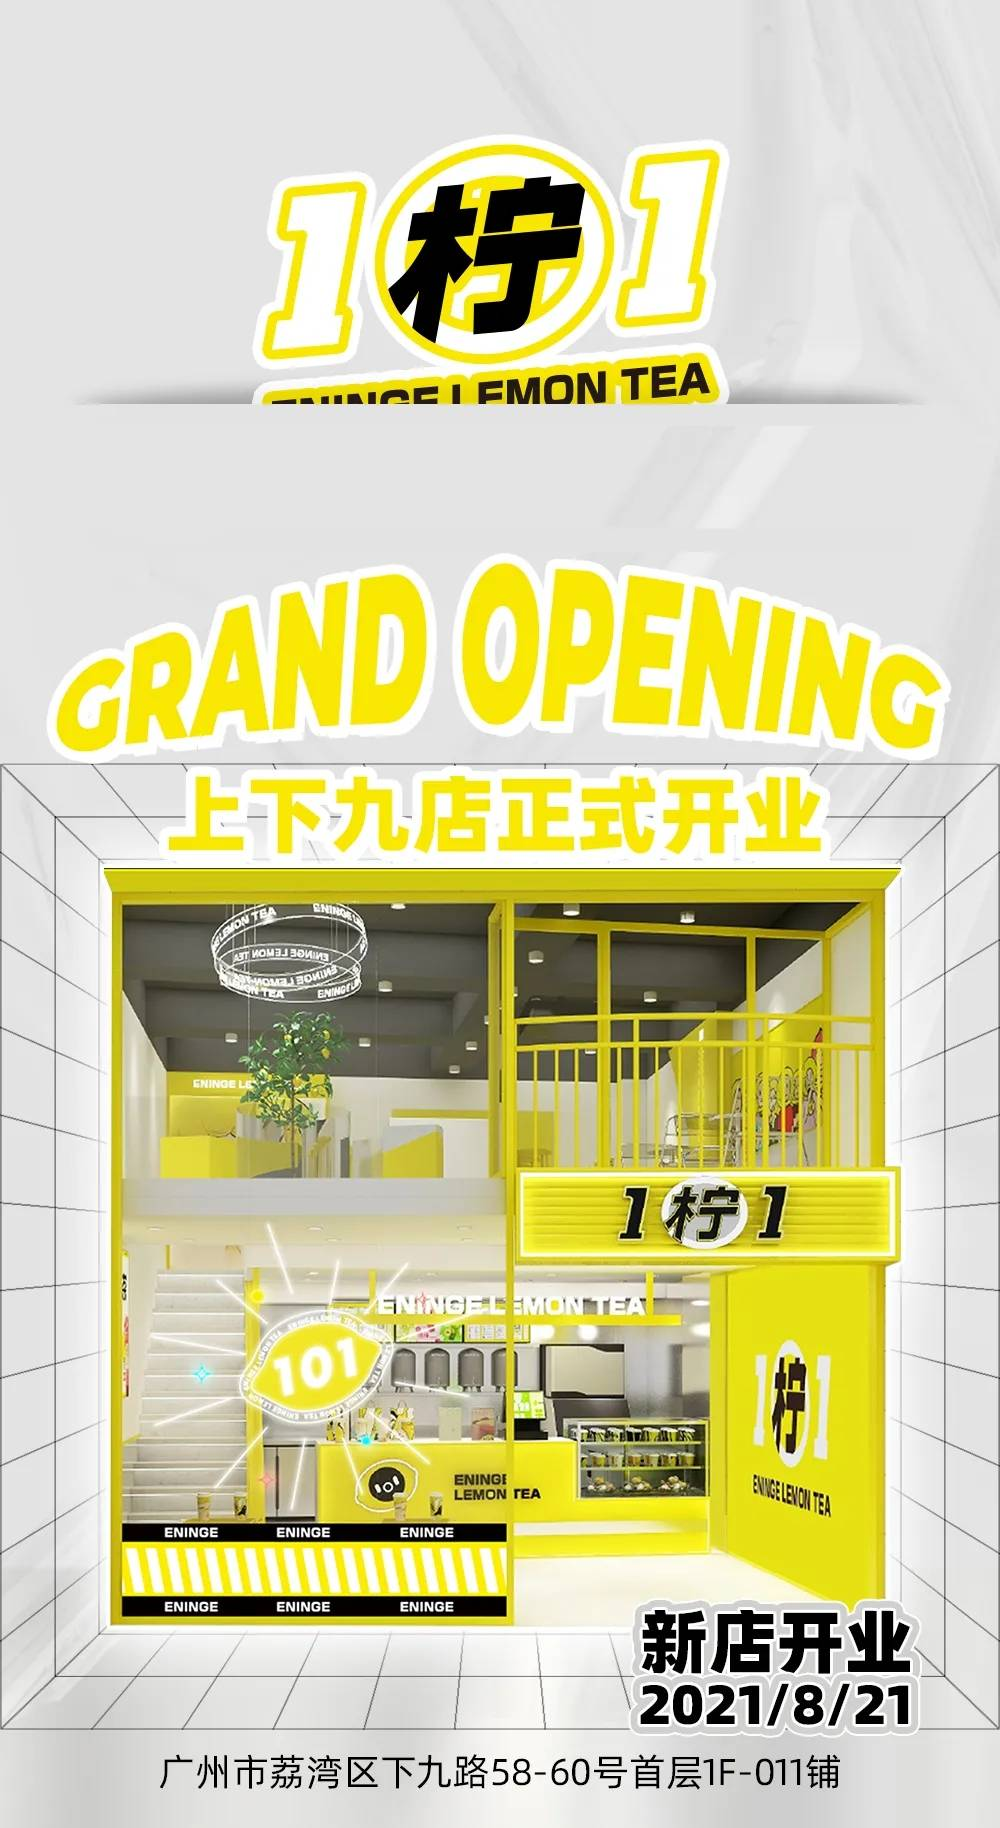 1柠1官网-广州1柠1柠檬茶加盟咨询_手打柠檬茶加盟品牌